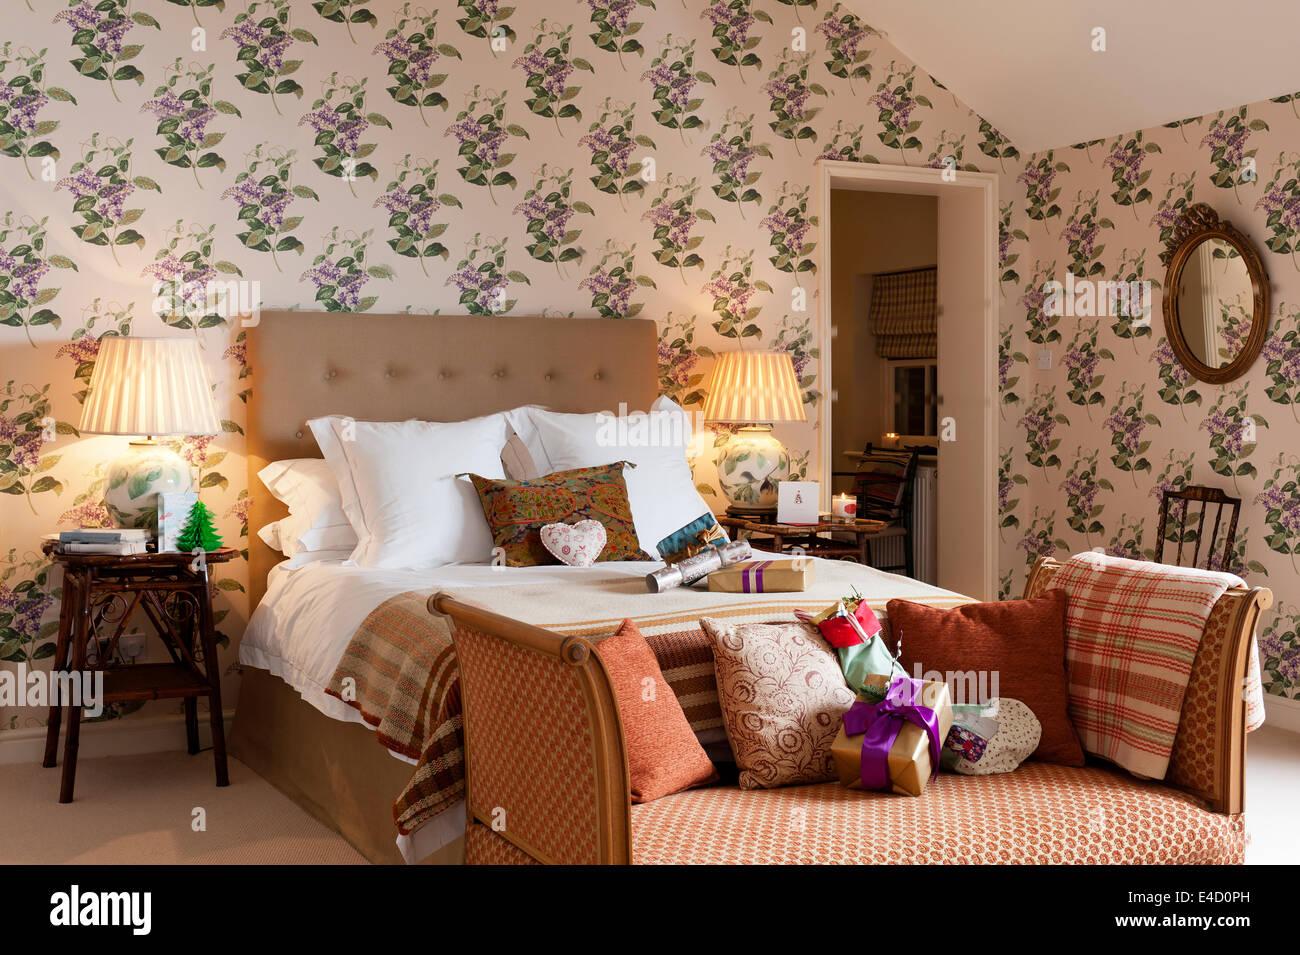 Ein Edwardian Tagesbett im original Polsterung sitzt am Ende ein Bett in einem Schlafzimmer mit floral gemusterten Stockbild